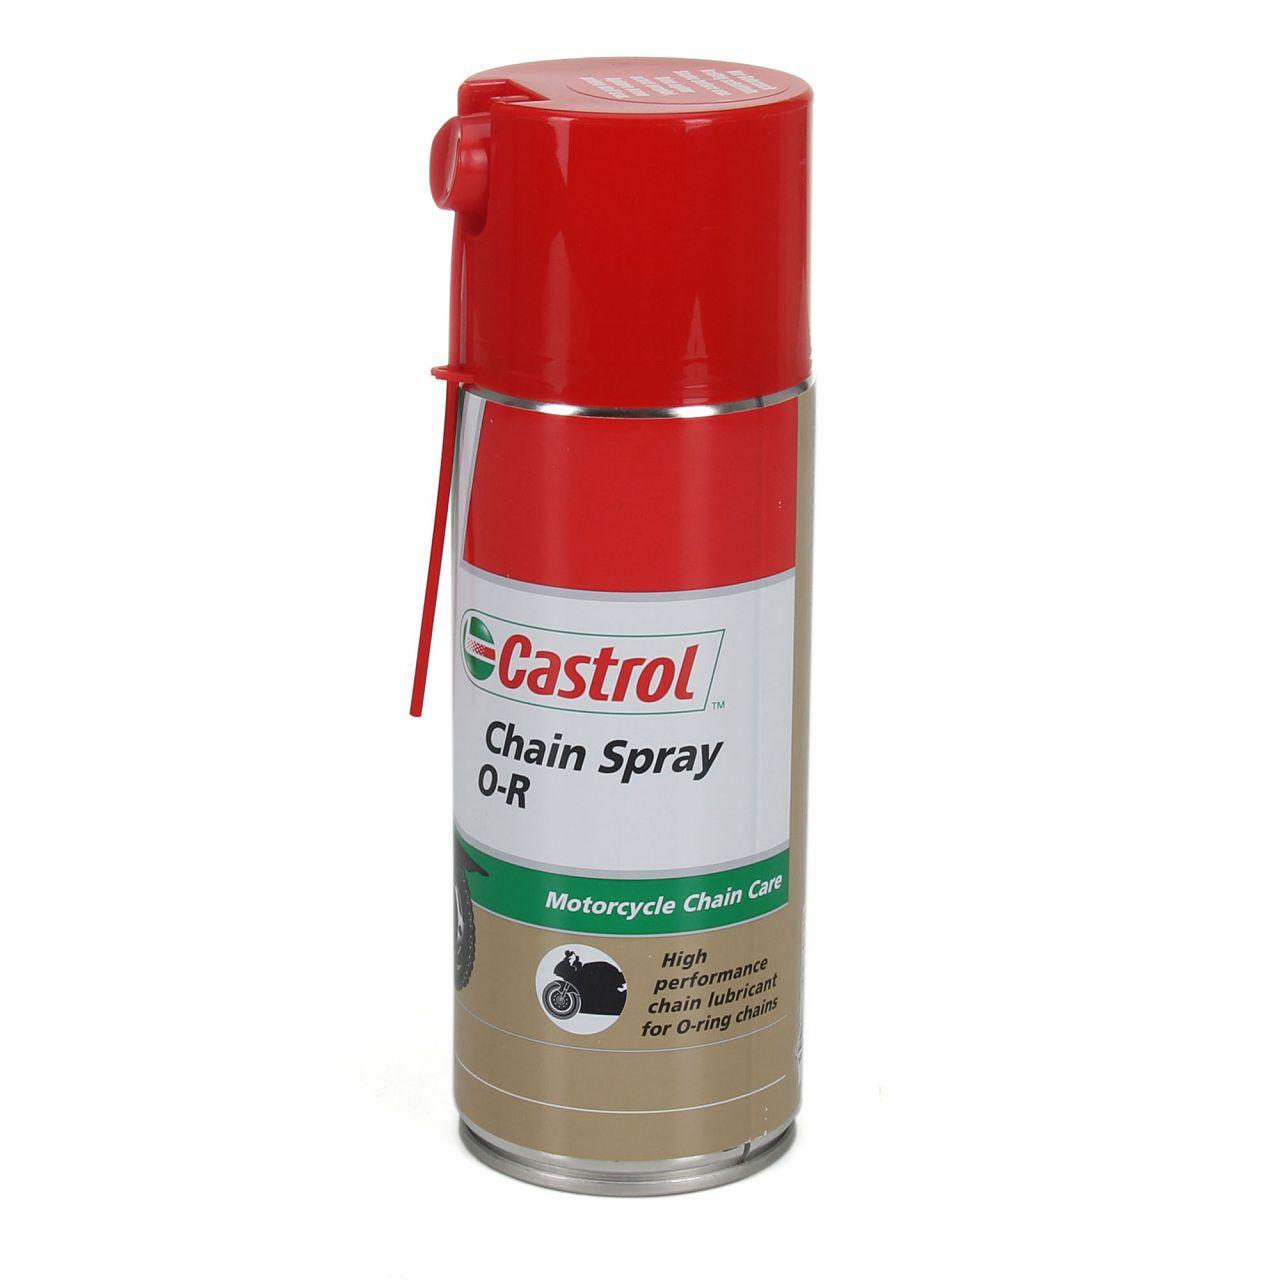 CASTROL Chain Spray O-R Kettenspray Kettenfett Fettspray Motorrad 3x 400ml